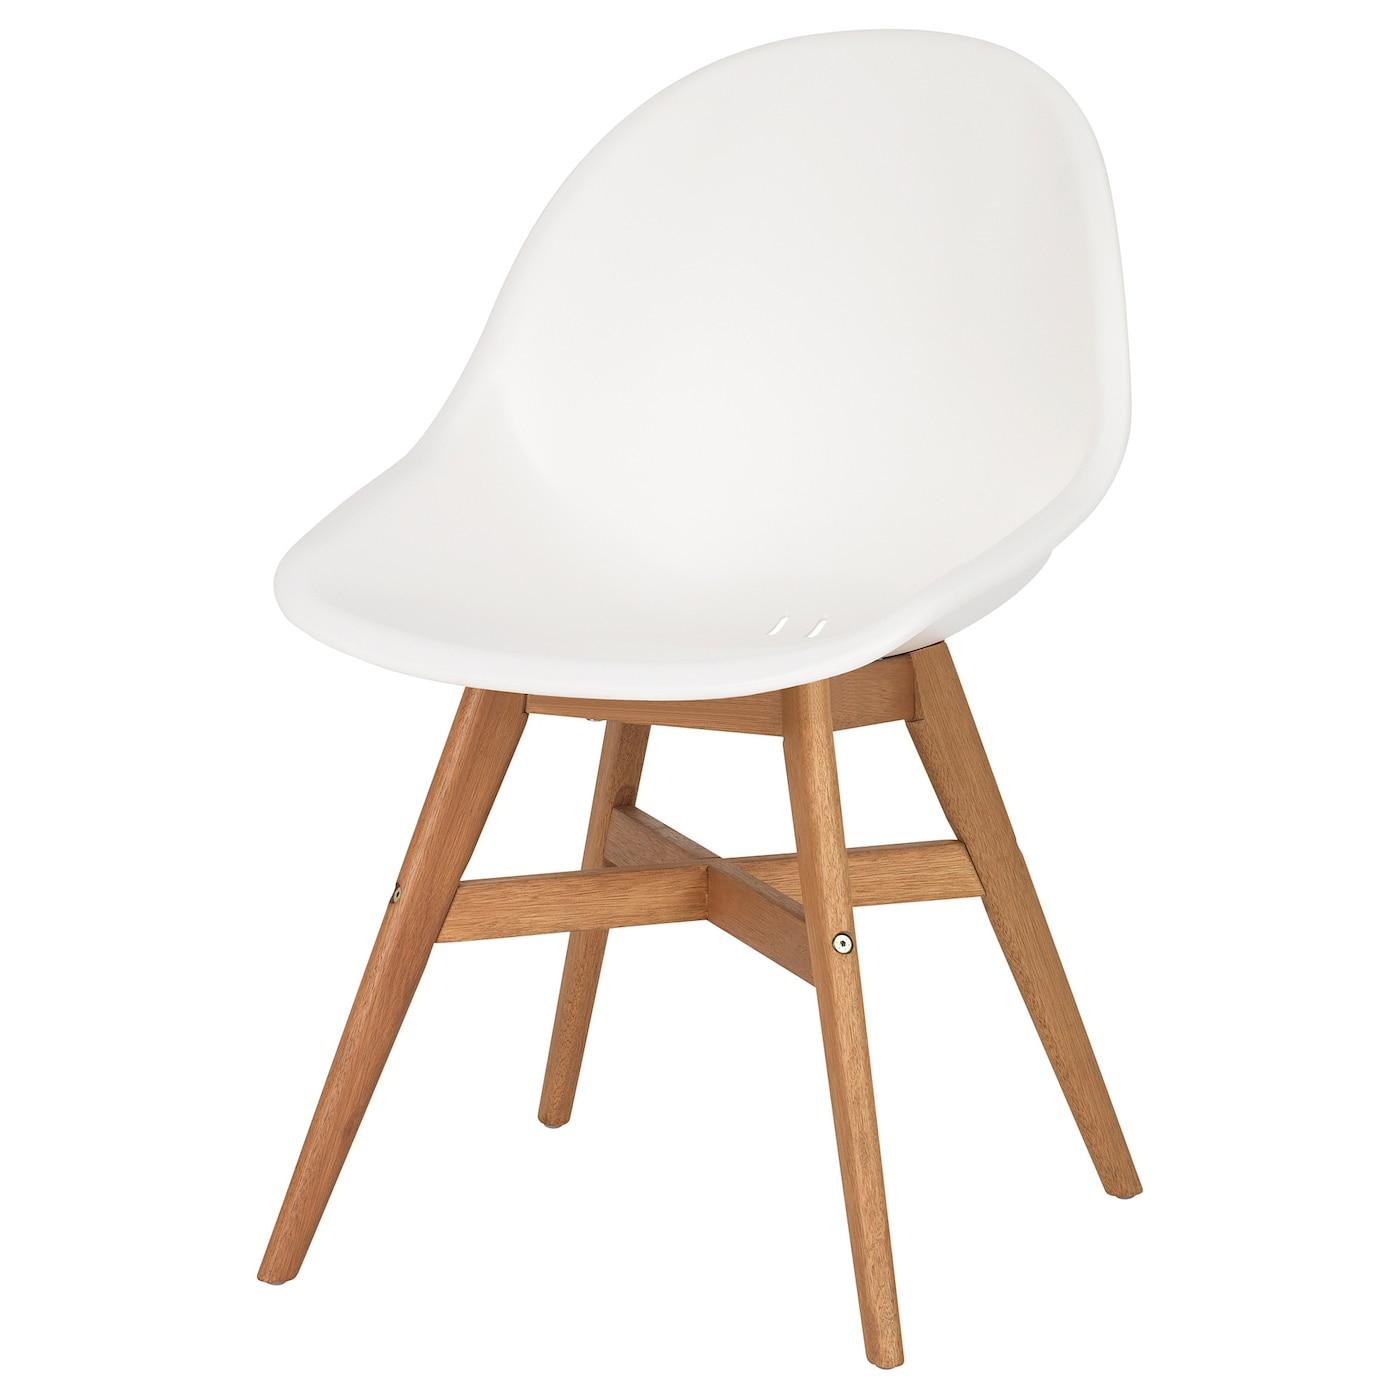 Gartenmöbel Balkonmöbel Günstig Online Kaufen Ikea